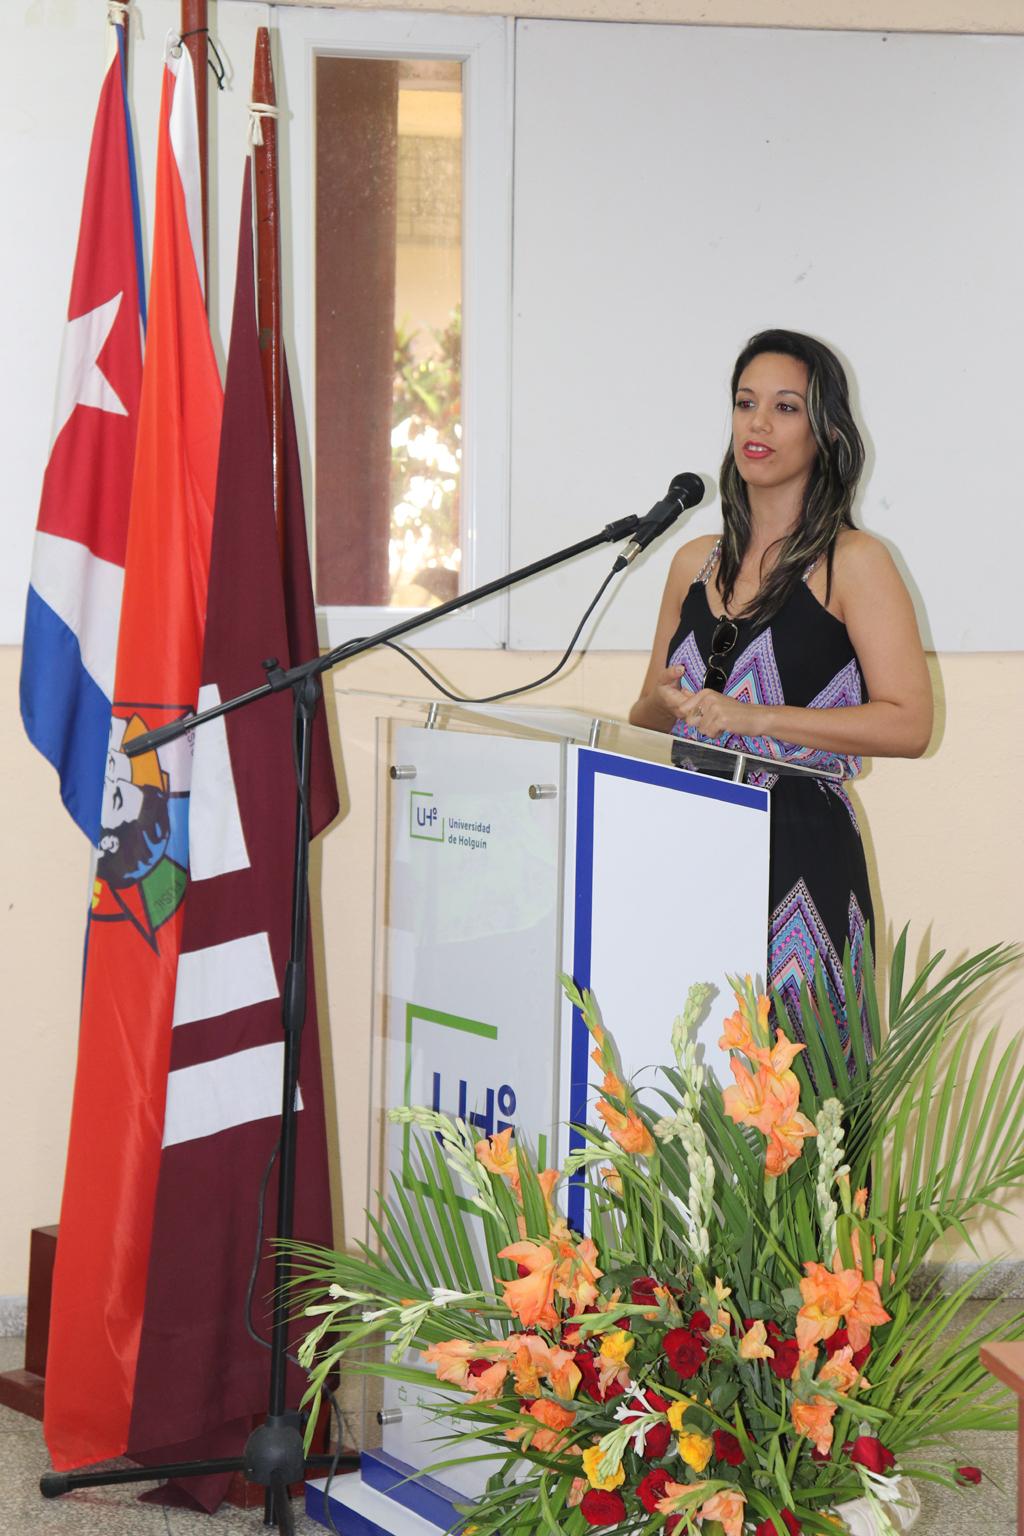 Palabras de felicitación de la representante de la Cámara de Comercio en Holguín, durante la firma de convenio marco de colaboración con la UHo. Desarrollado en la sede Celia Sánchez Manduley, el 01 de noviembre de 2018-UHO/Foto: Yudith Rojas Tamayo